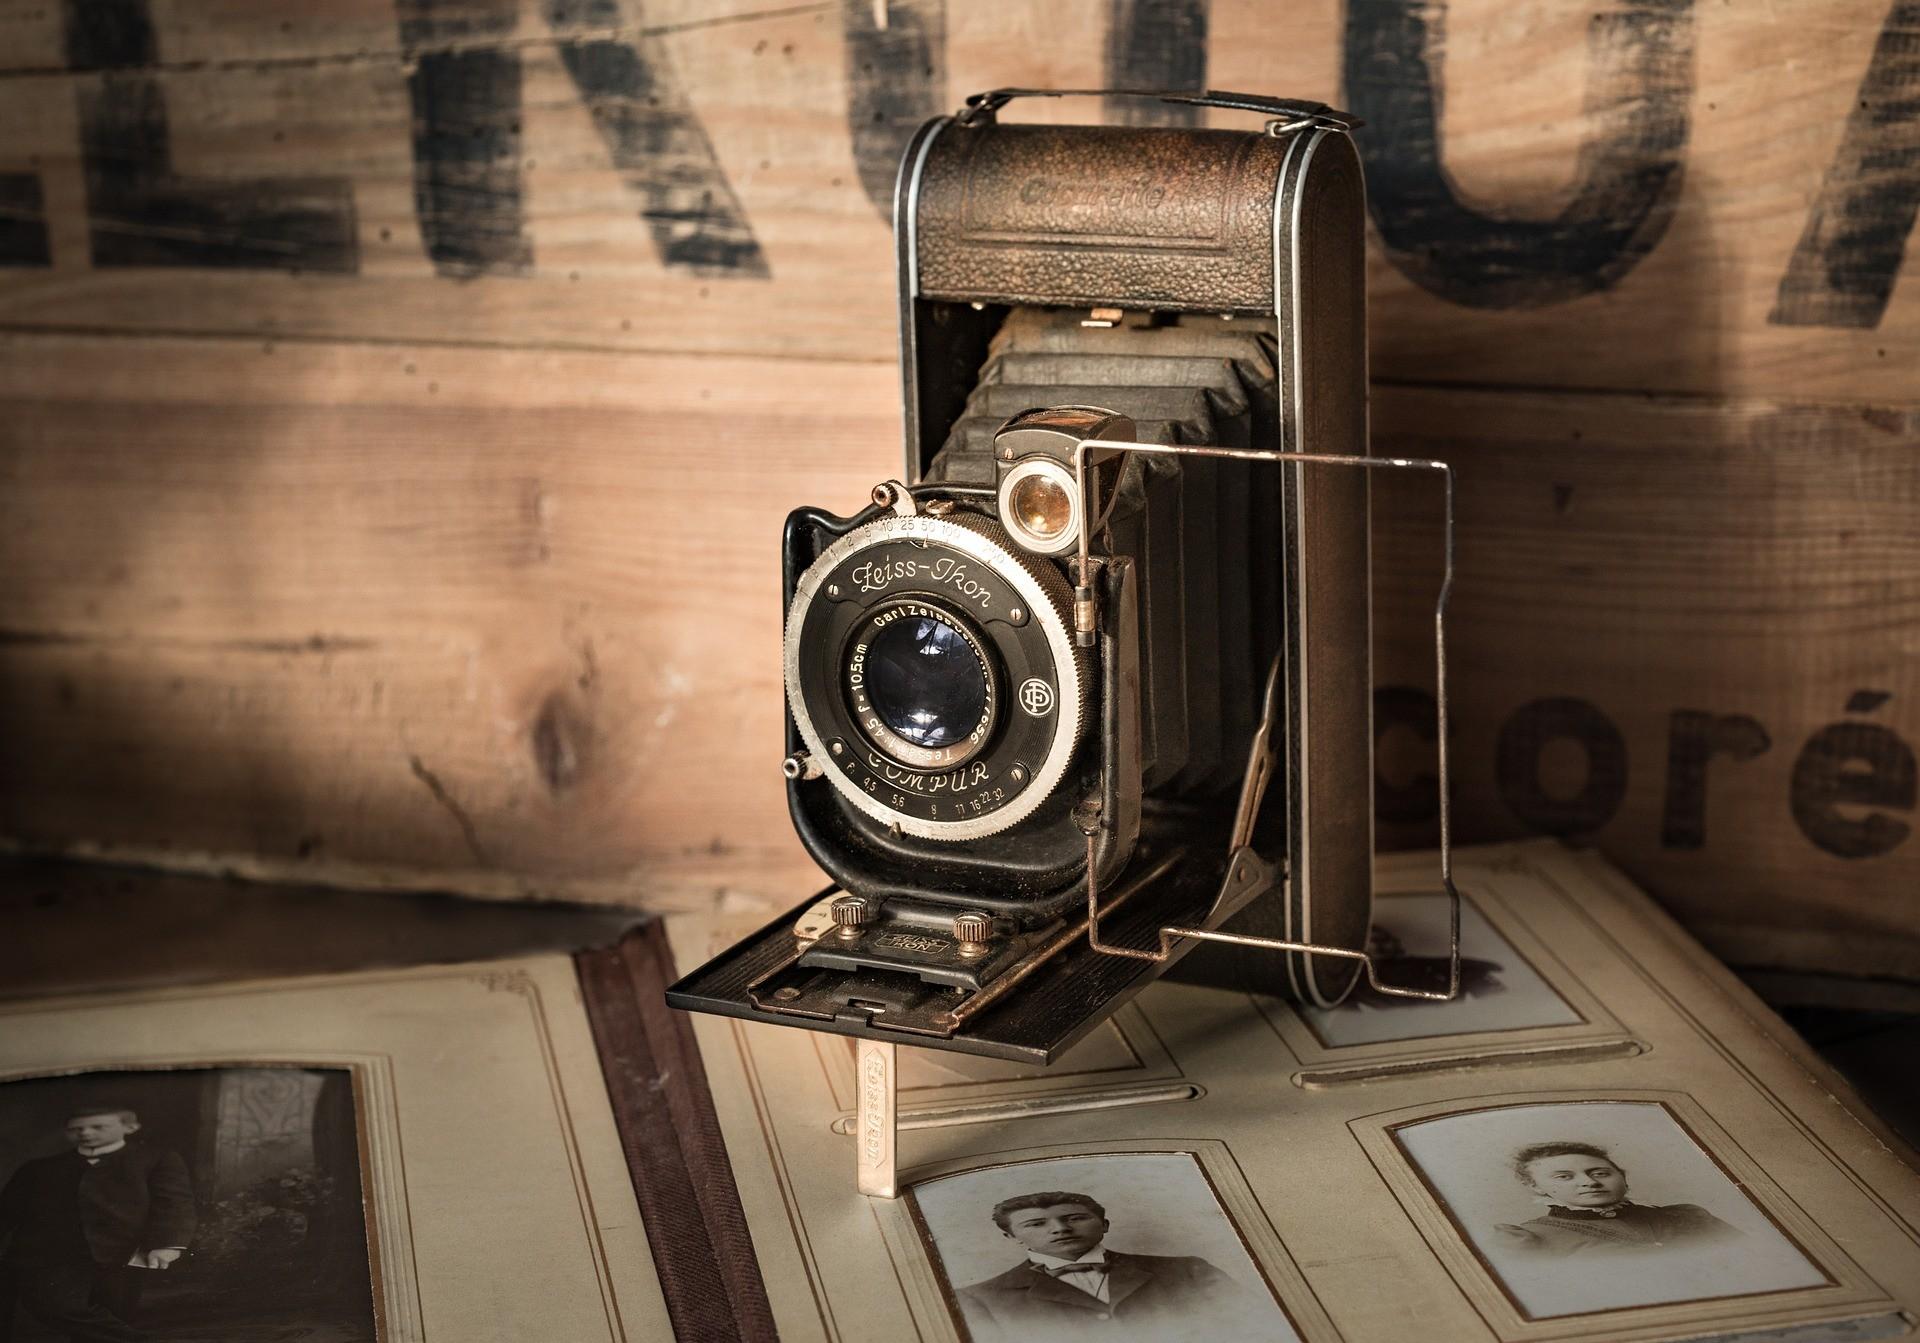 семья, история, старые фото, фотоаппарат, архив